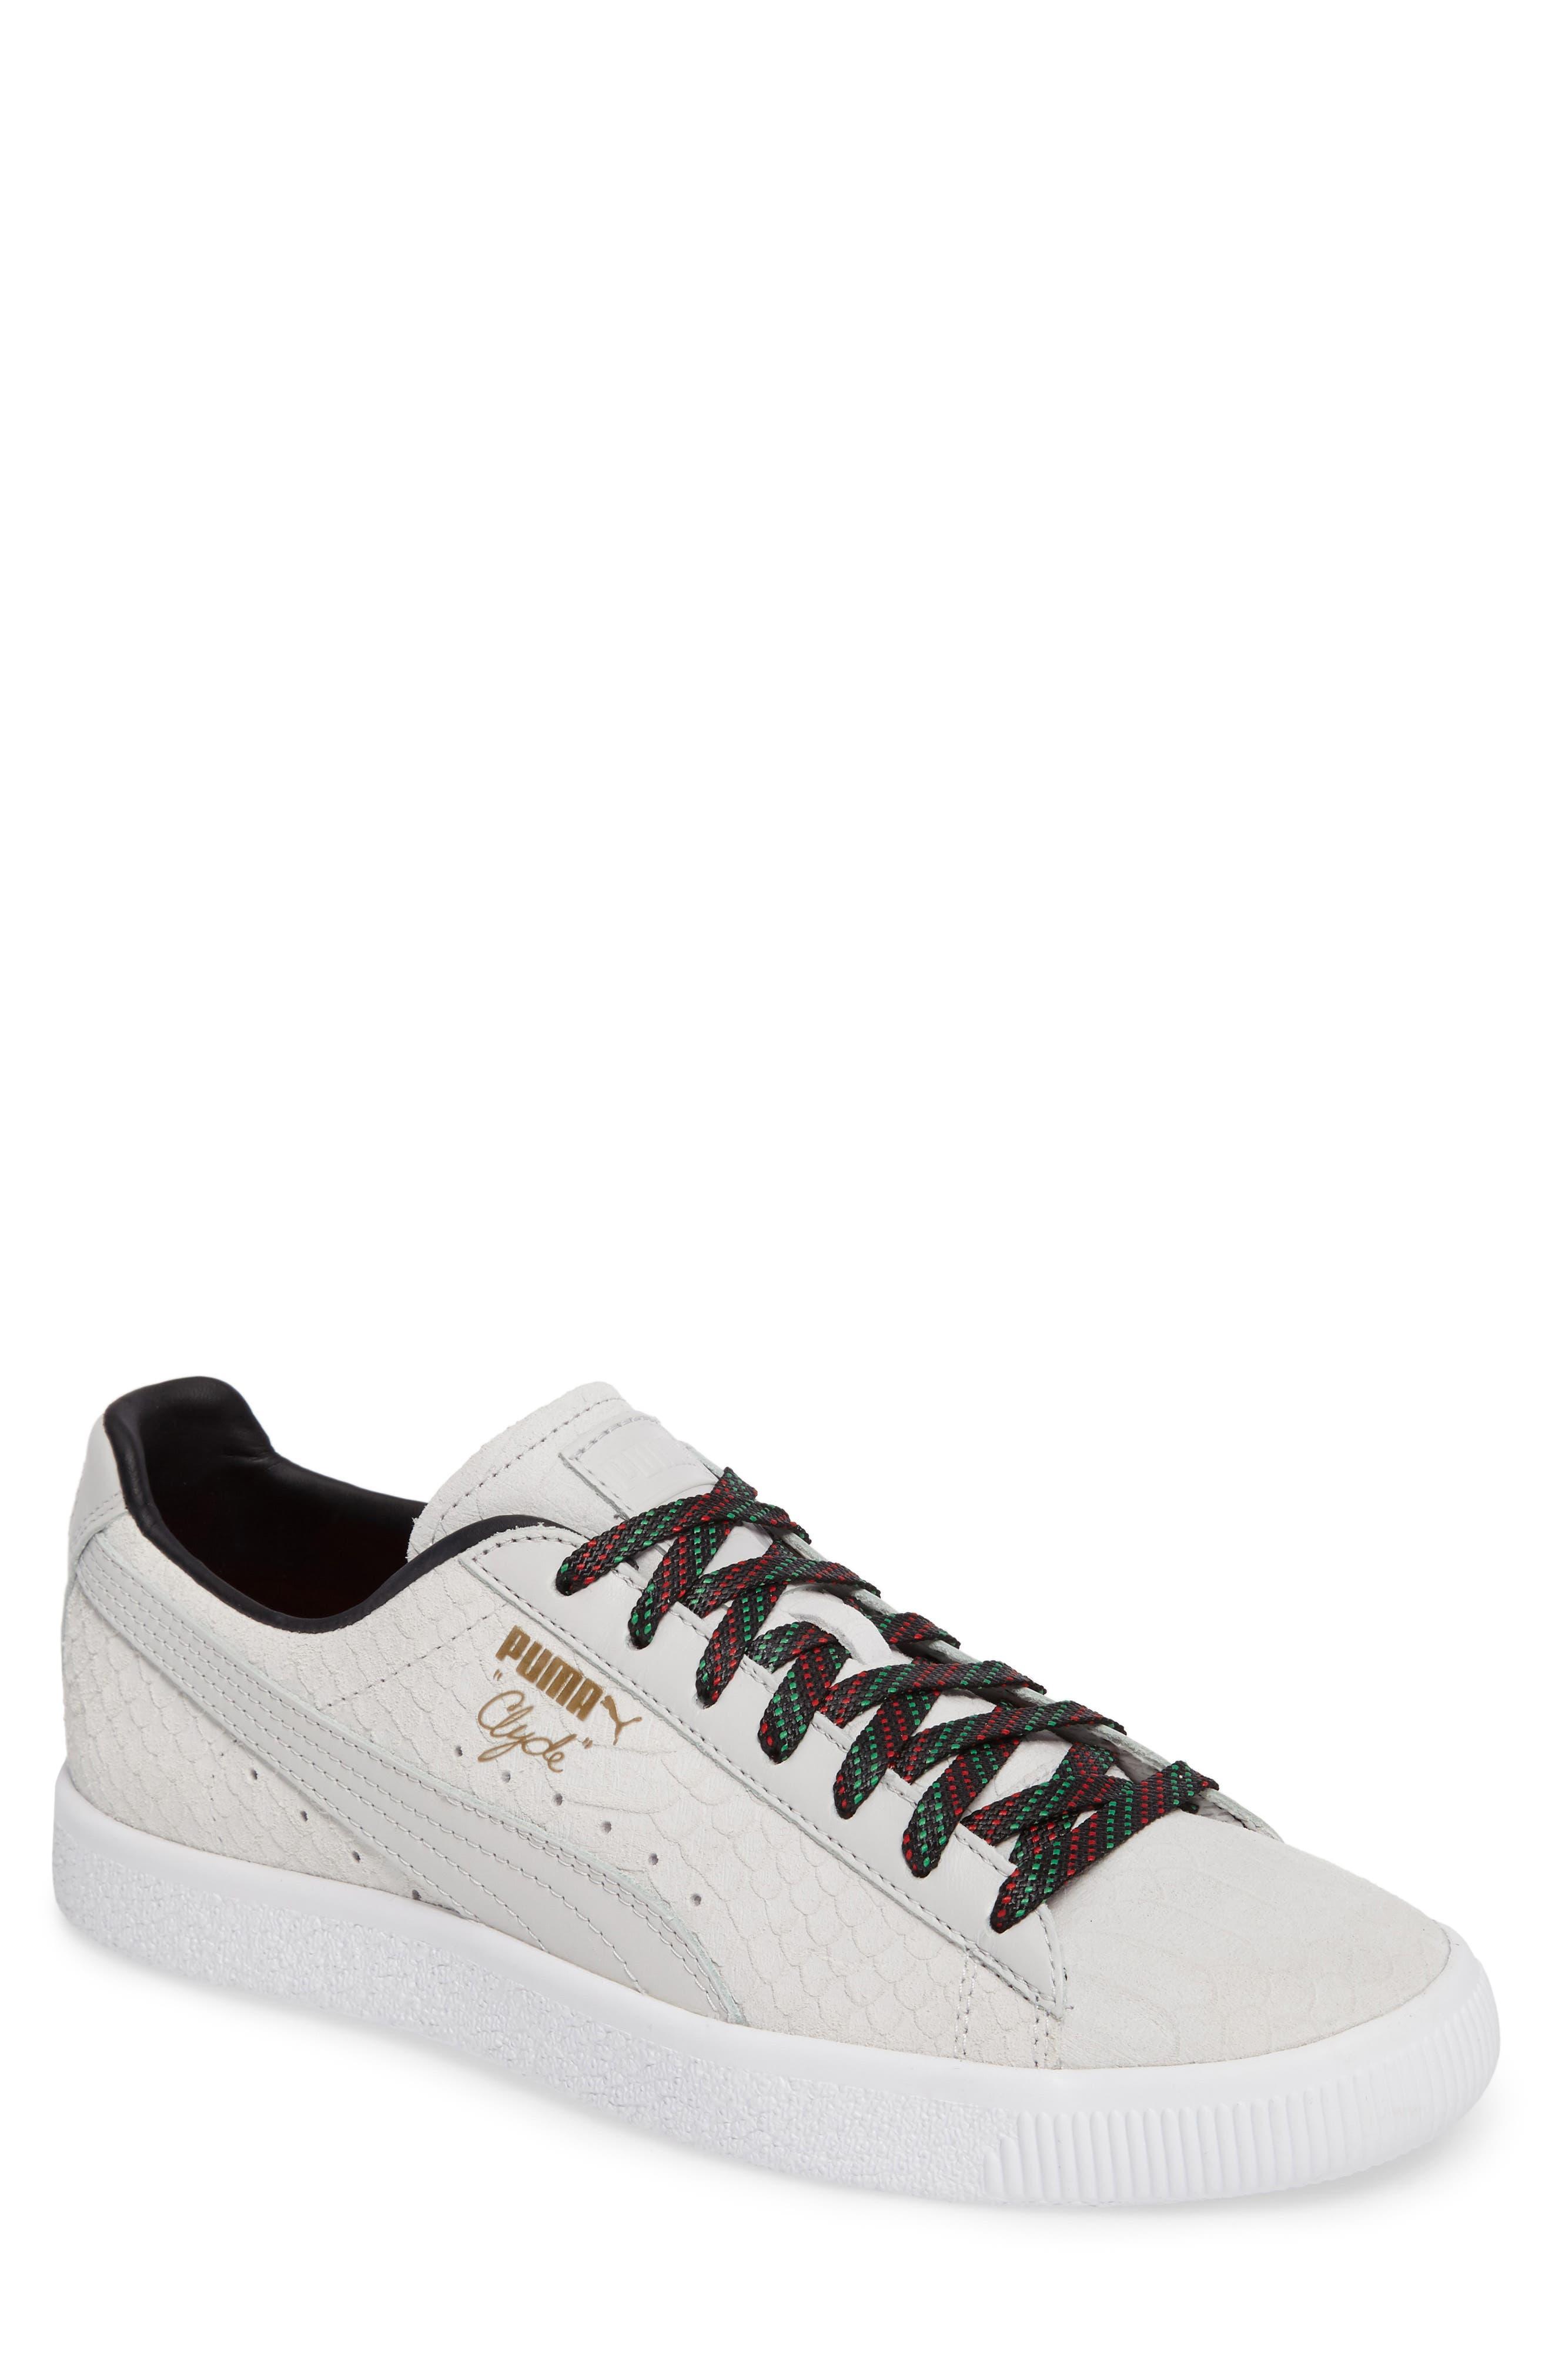 Clyde GCC Sneaker,                         Main,                         color, White/ Puma Black